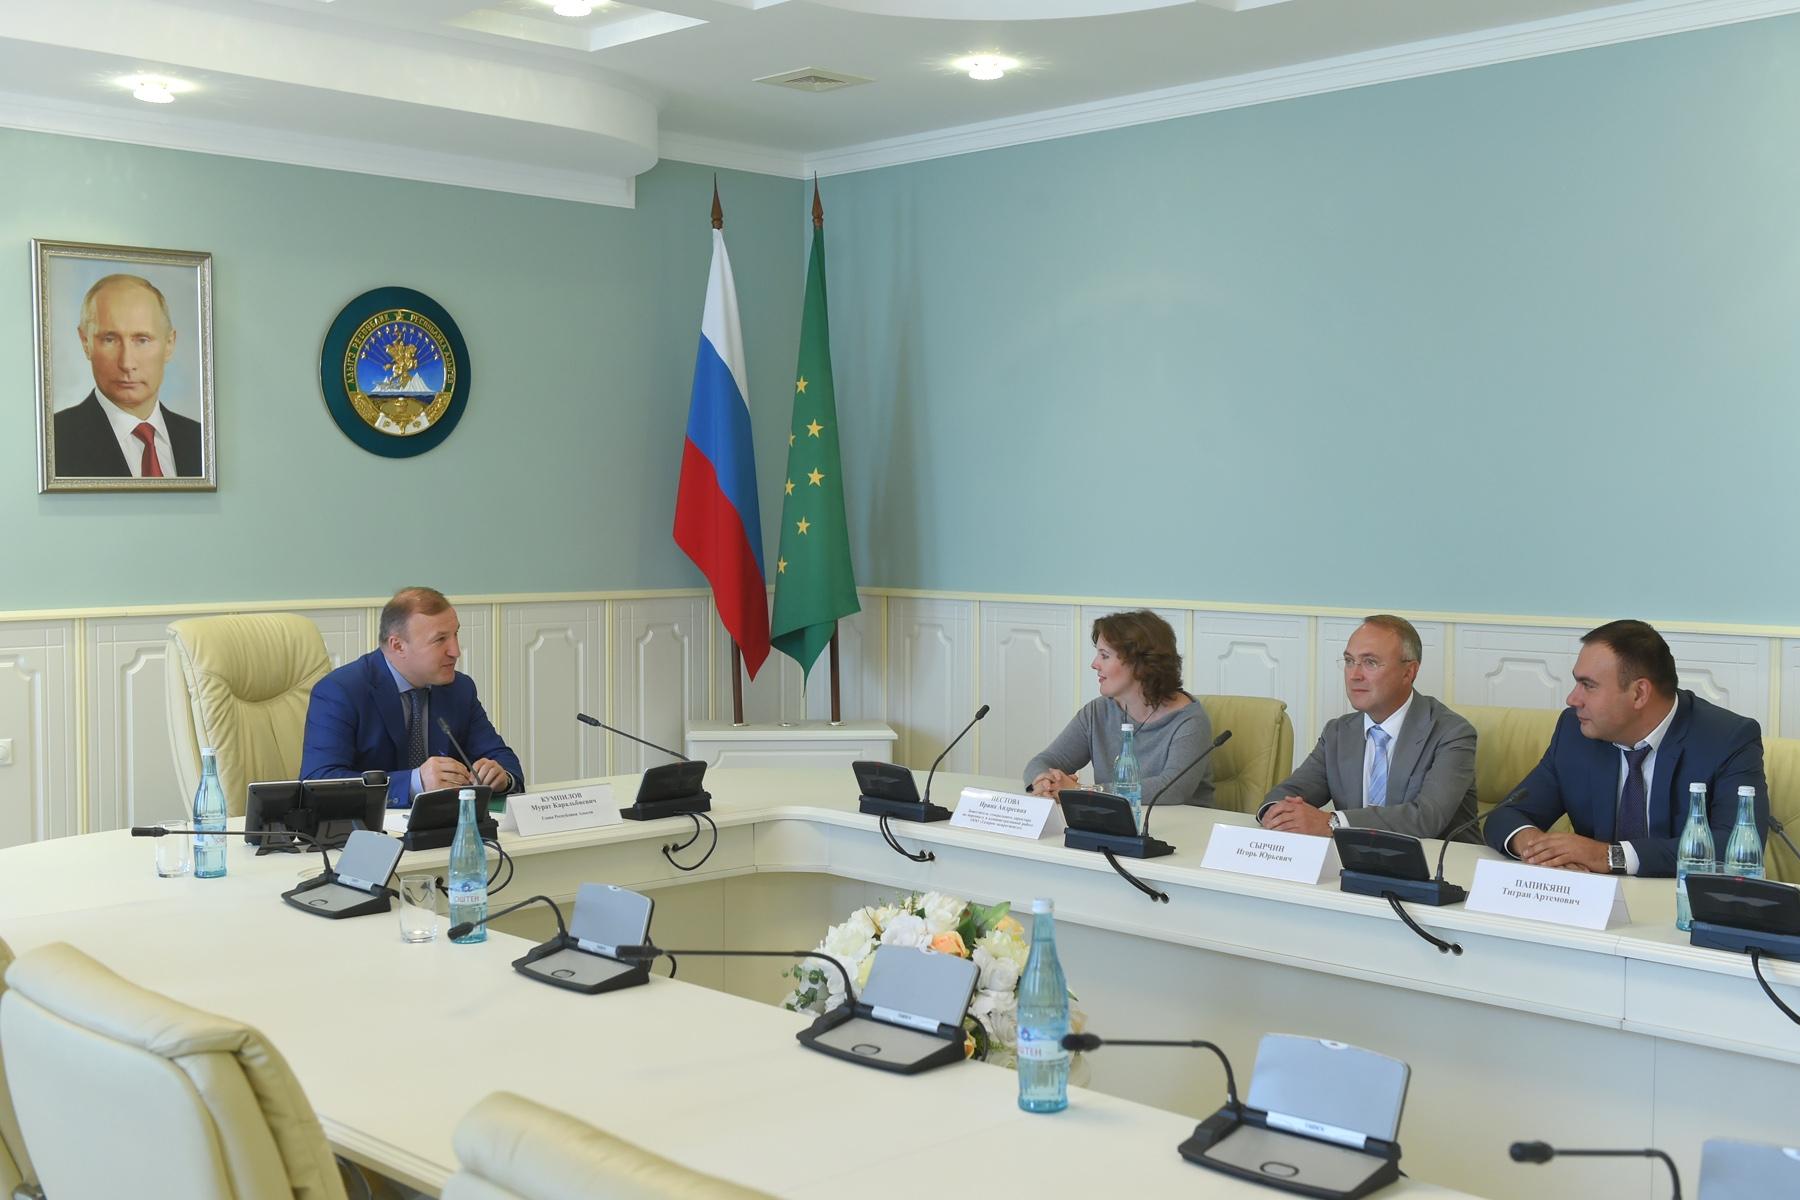 Главе Адыгеи представили нового руководителя компаний группы «Газпром межрегионгаз»